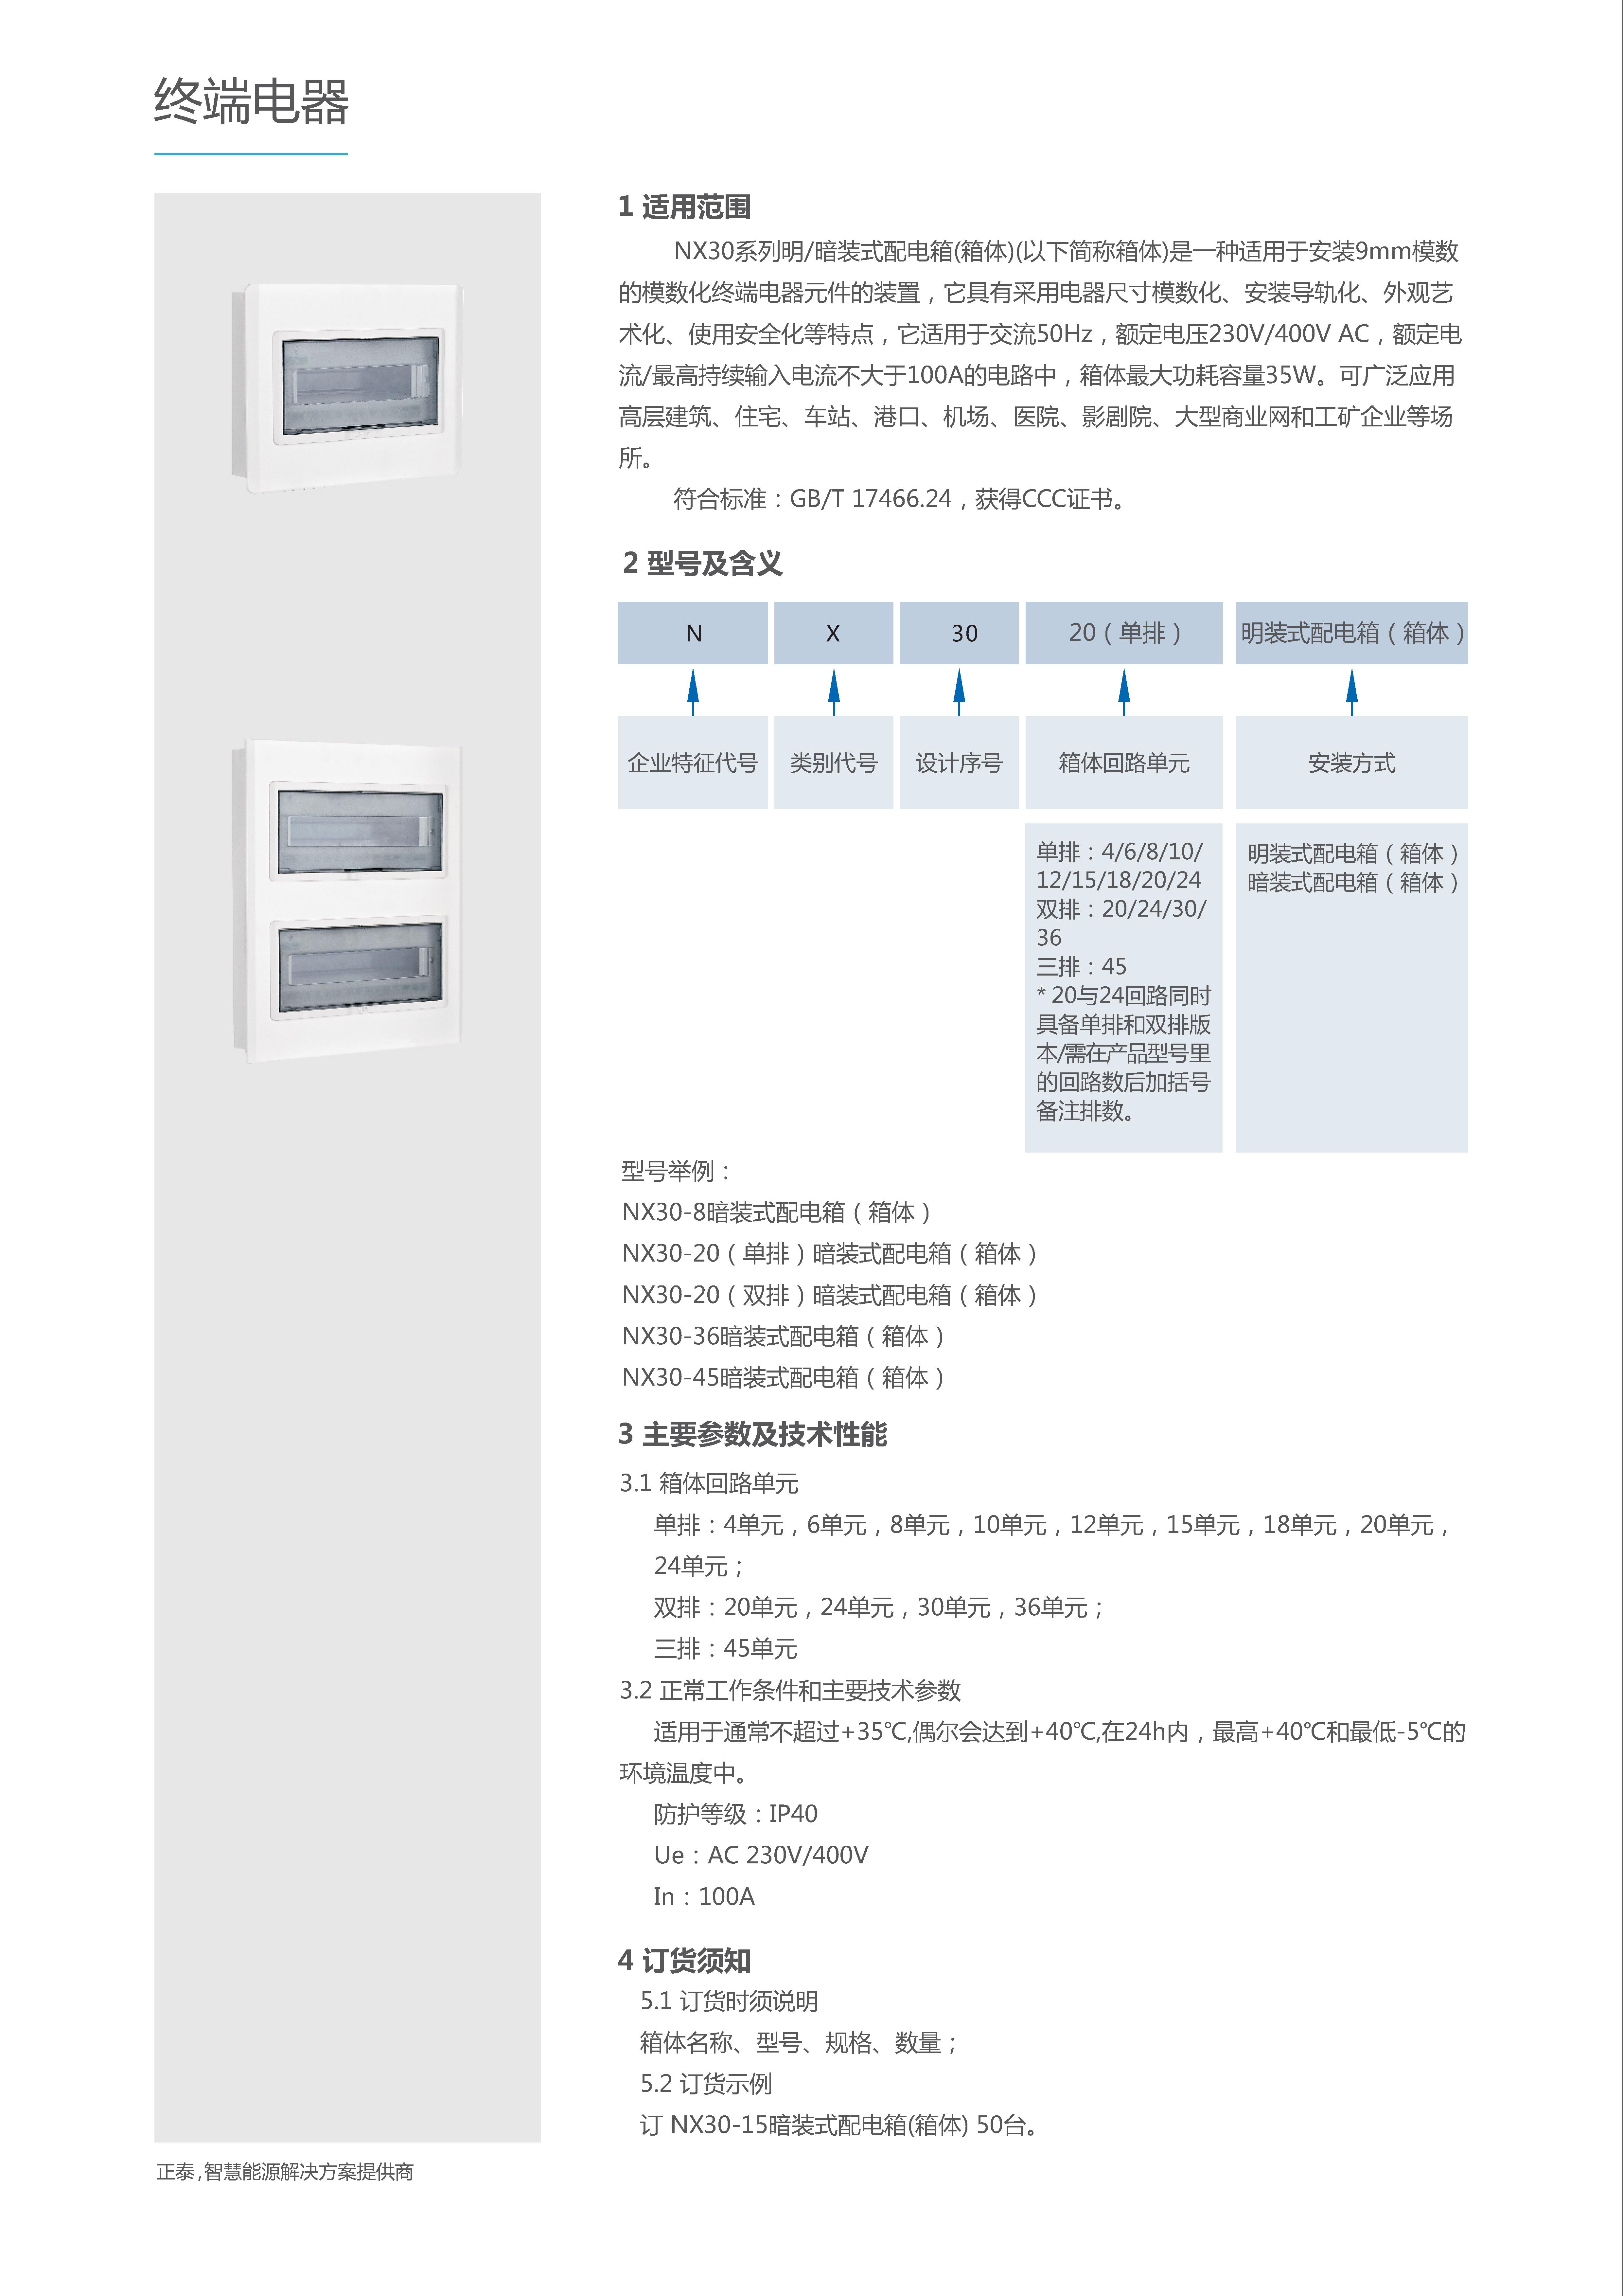 终端电器 — 终端箱 — NX30系列终端配电箱